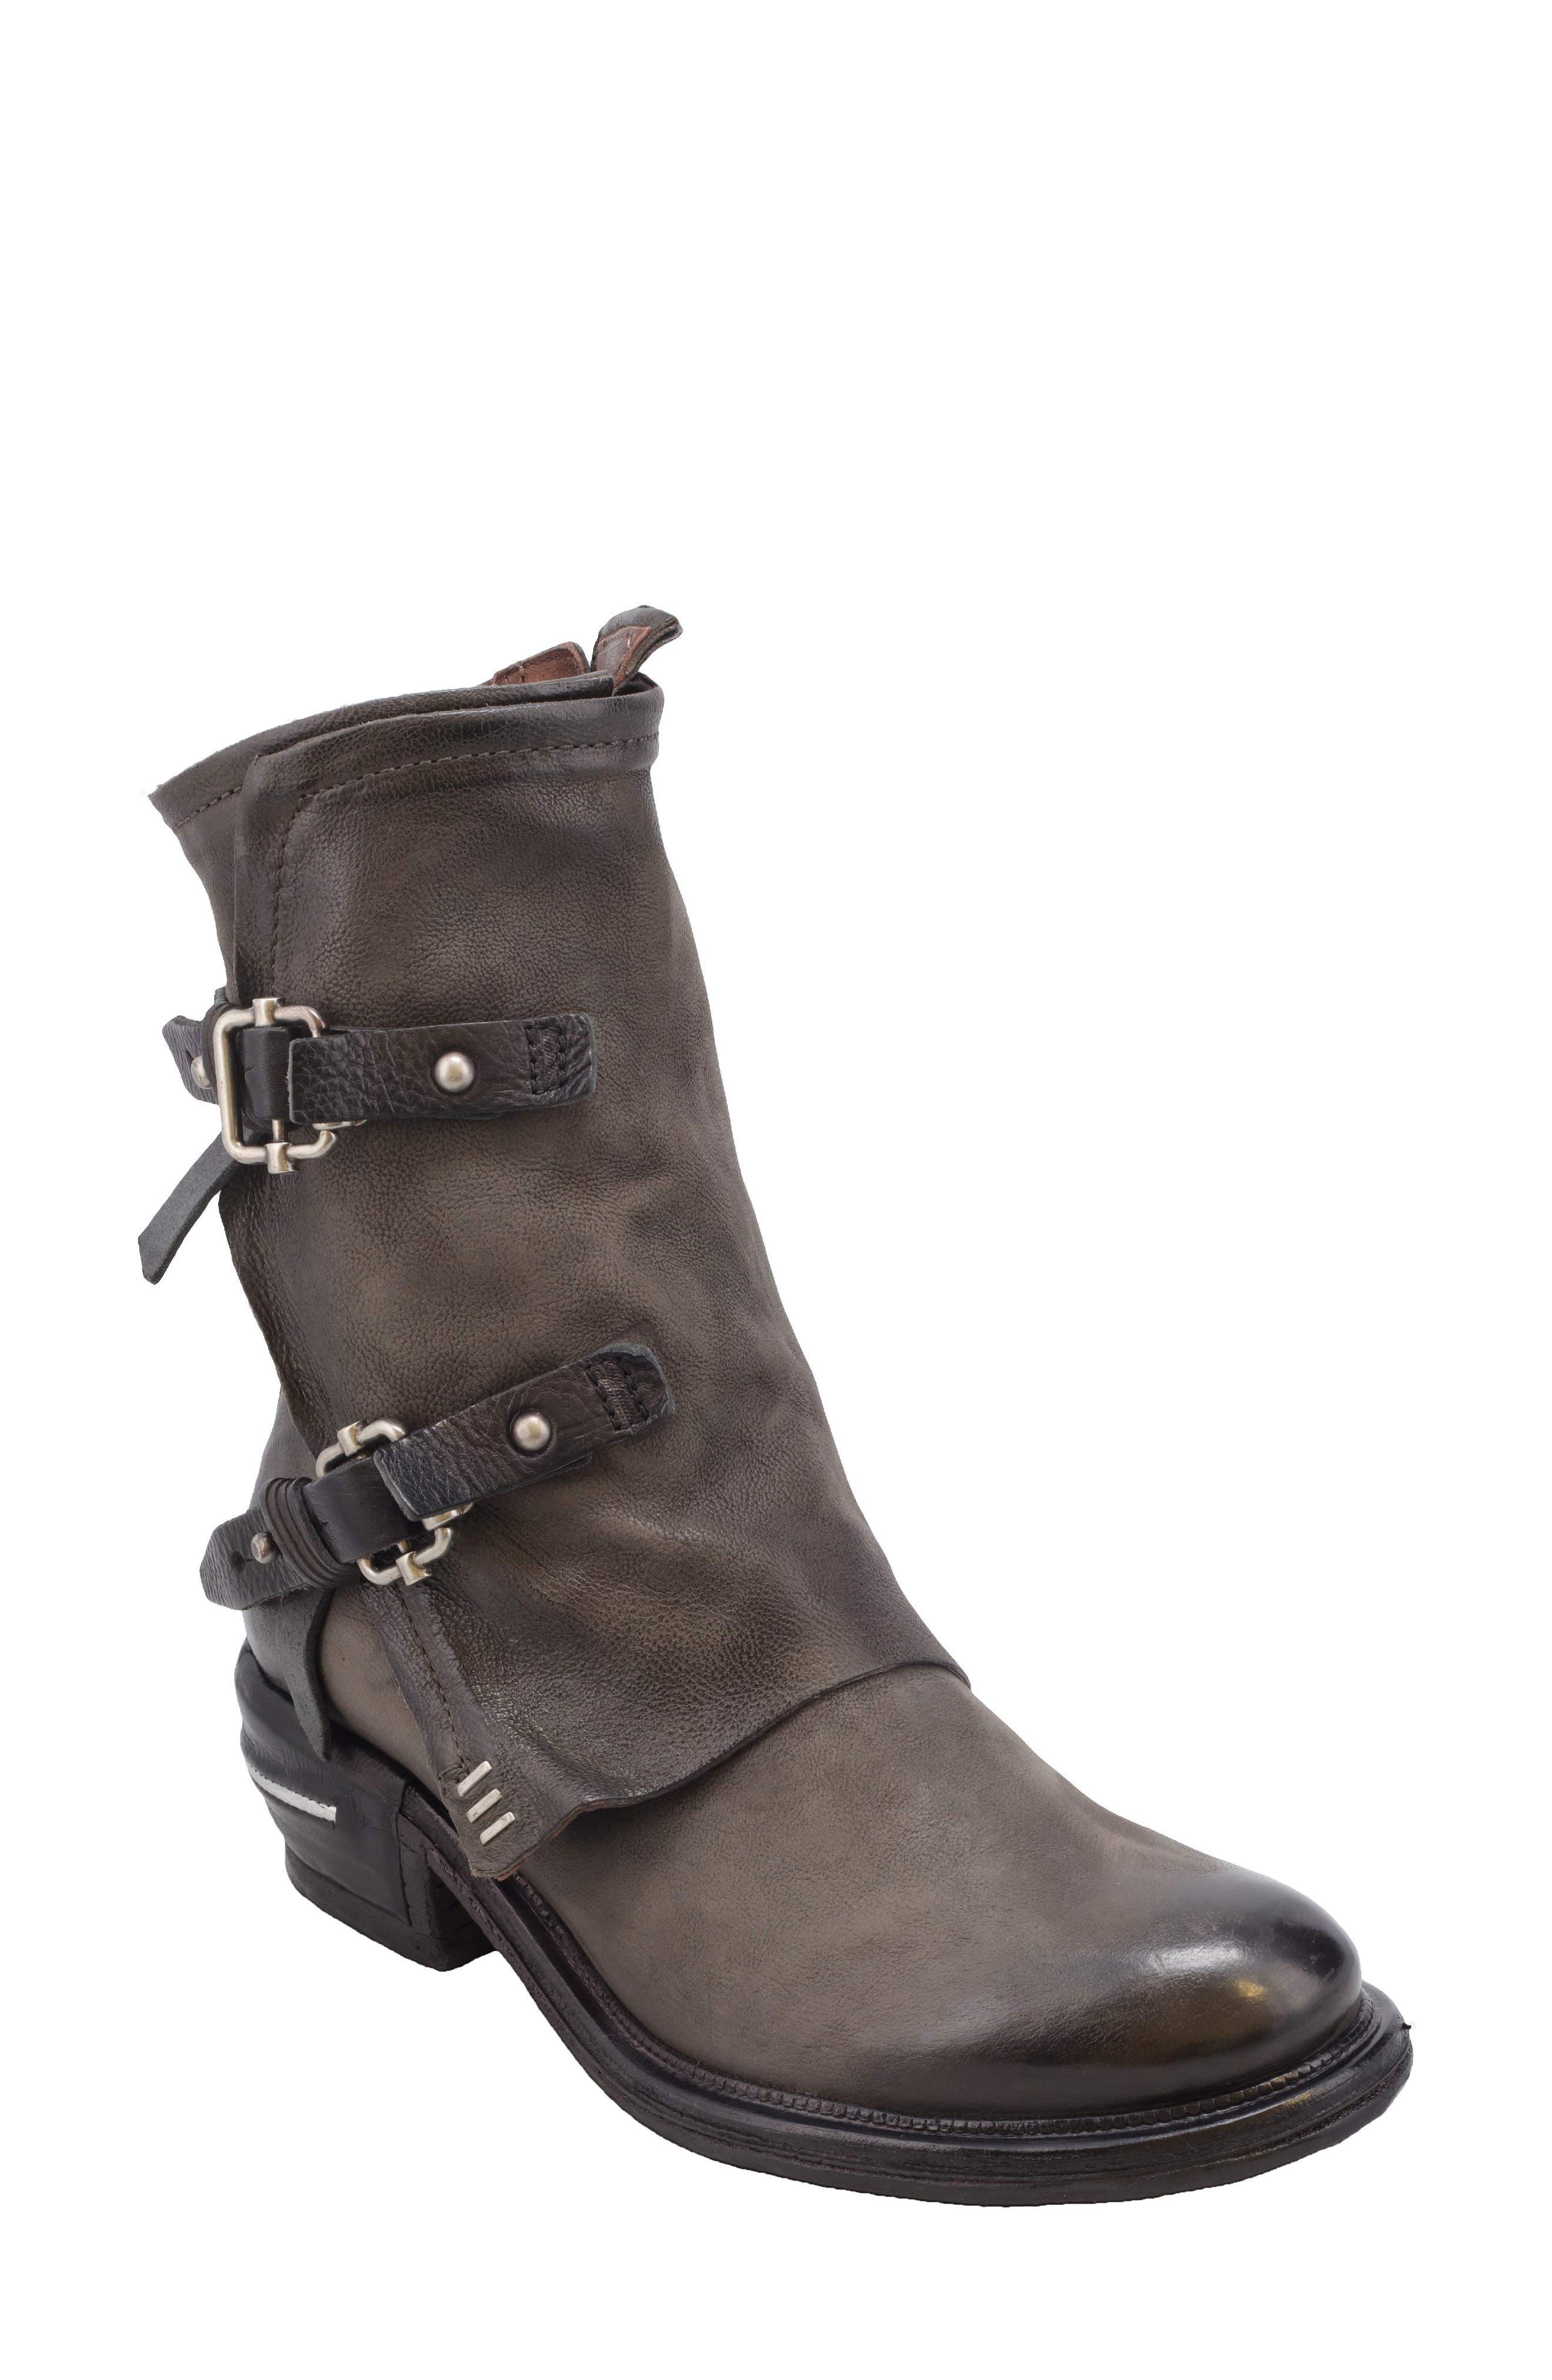 c3c11cc16e1 Women's A.S.98 Shoes | Nordstrom